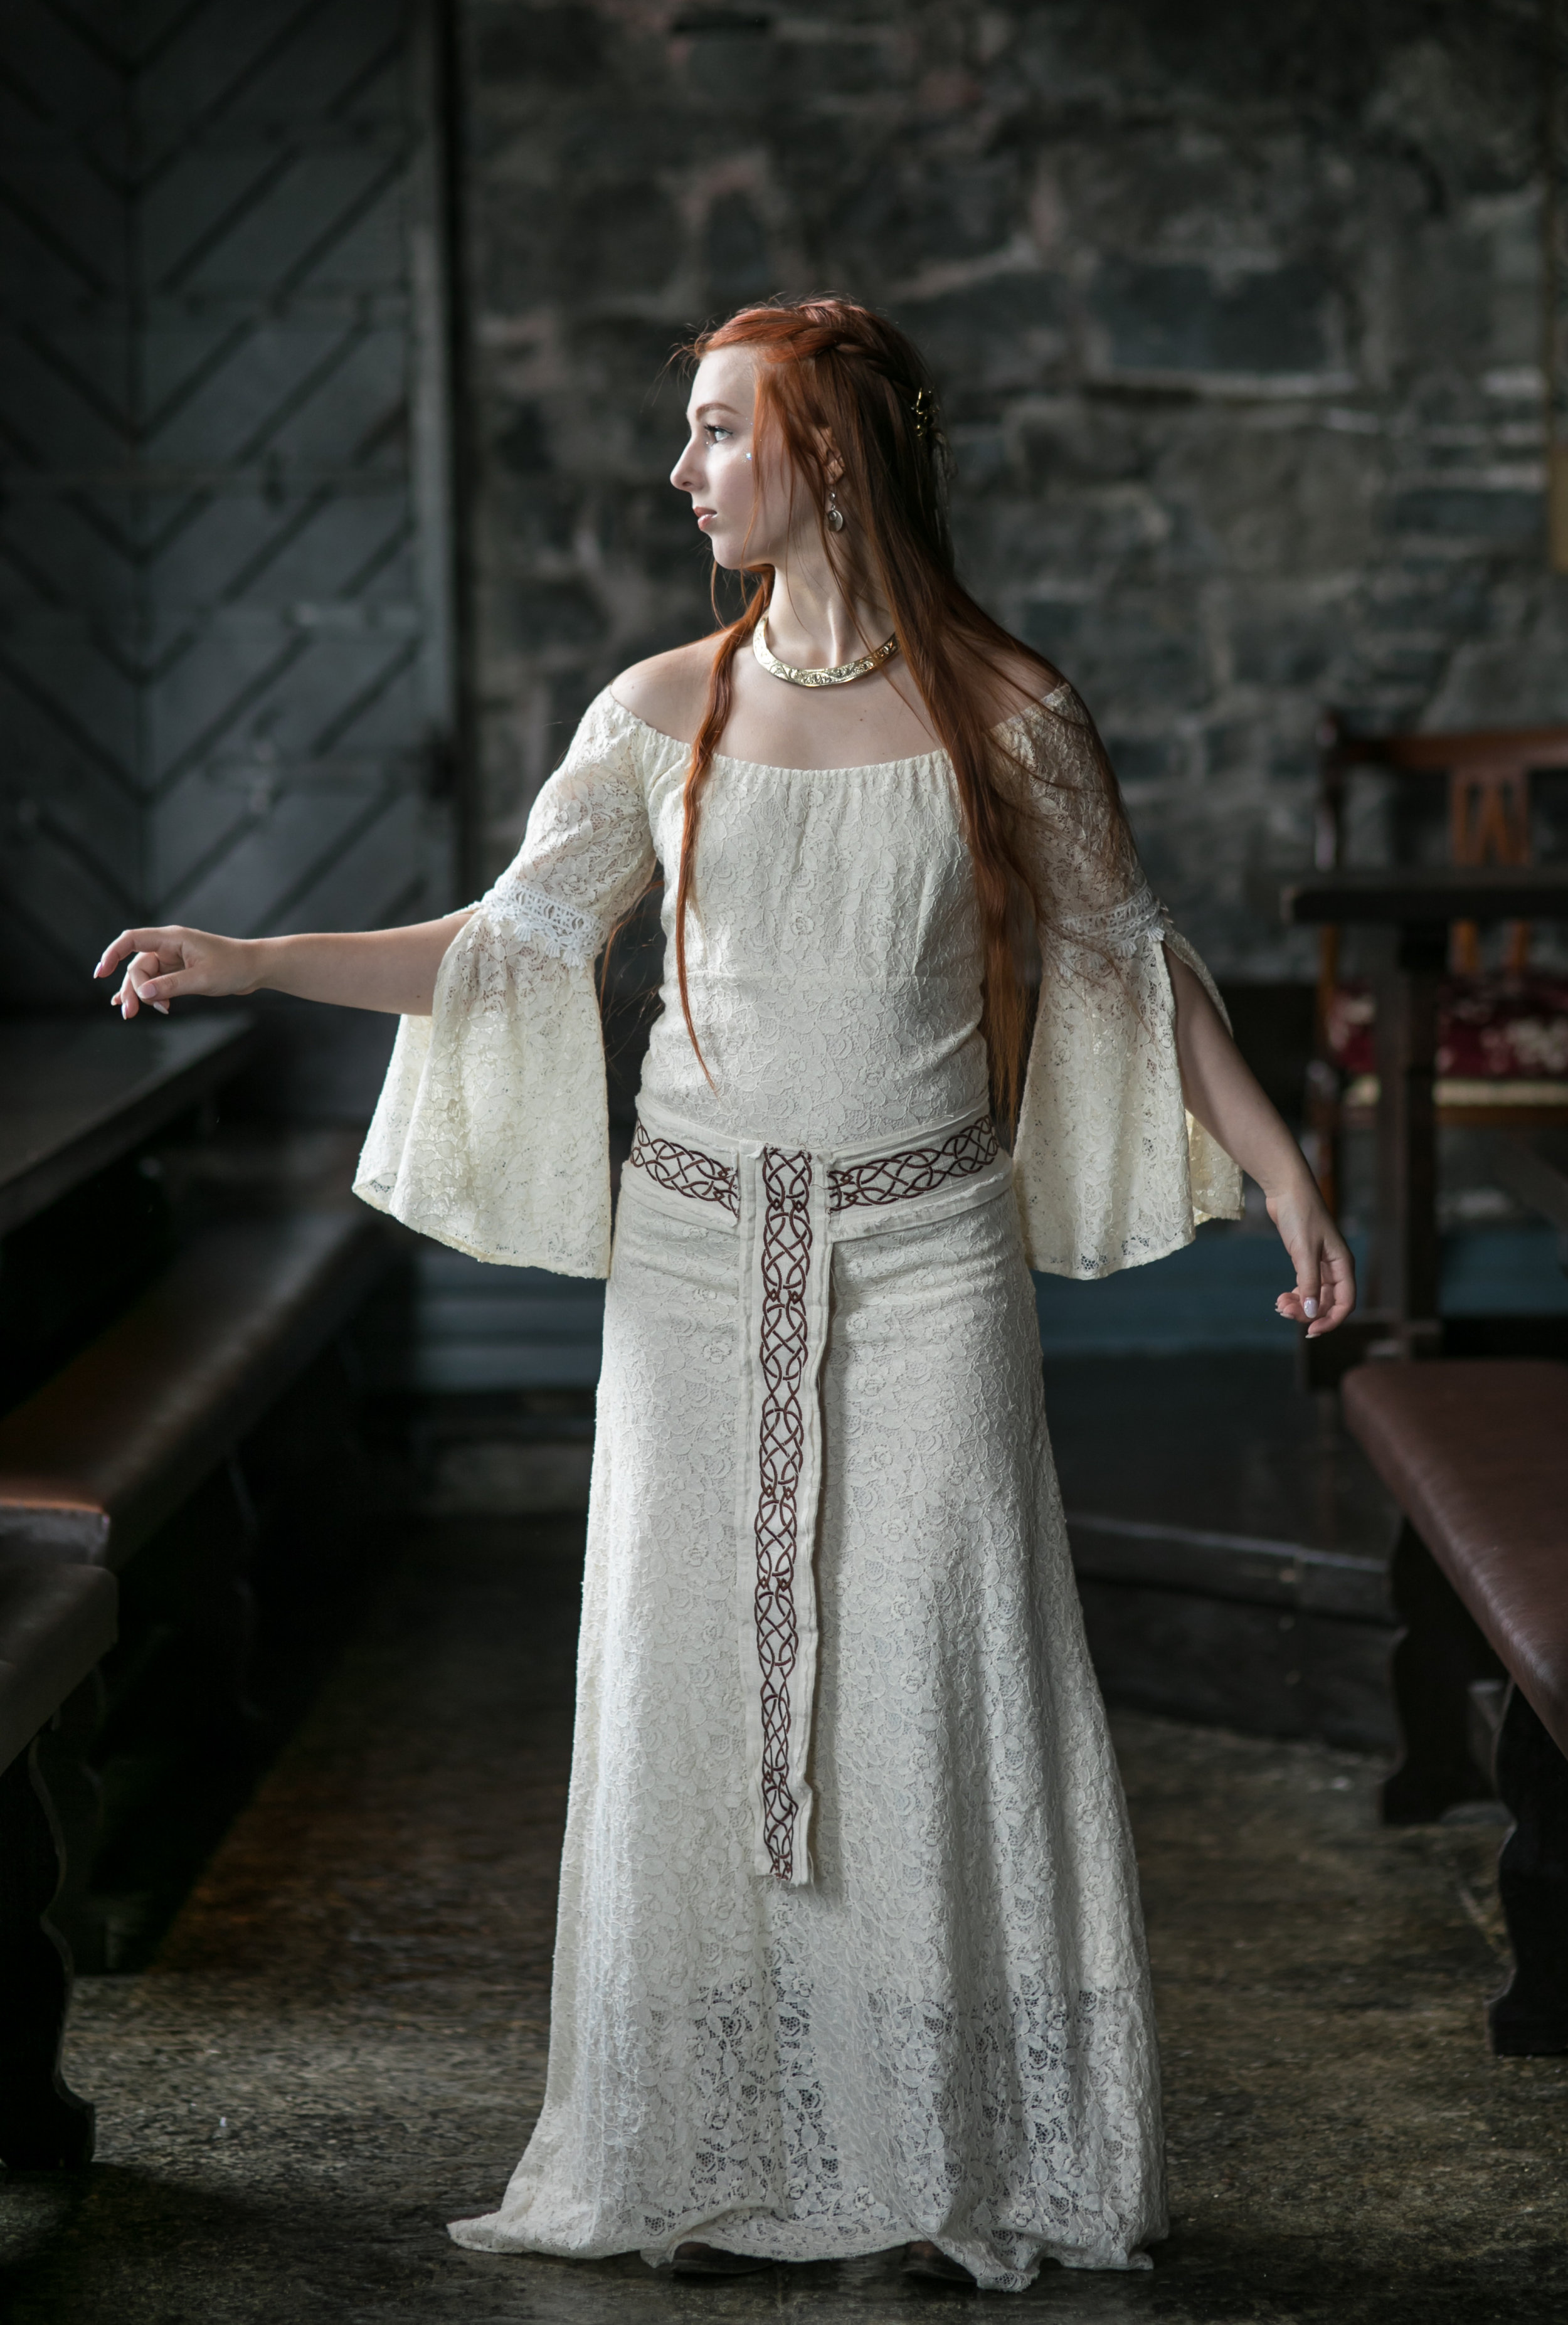 Feral in off shoulder dress.jpg